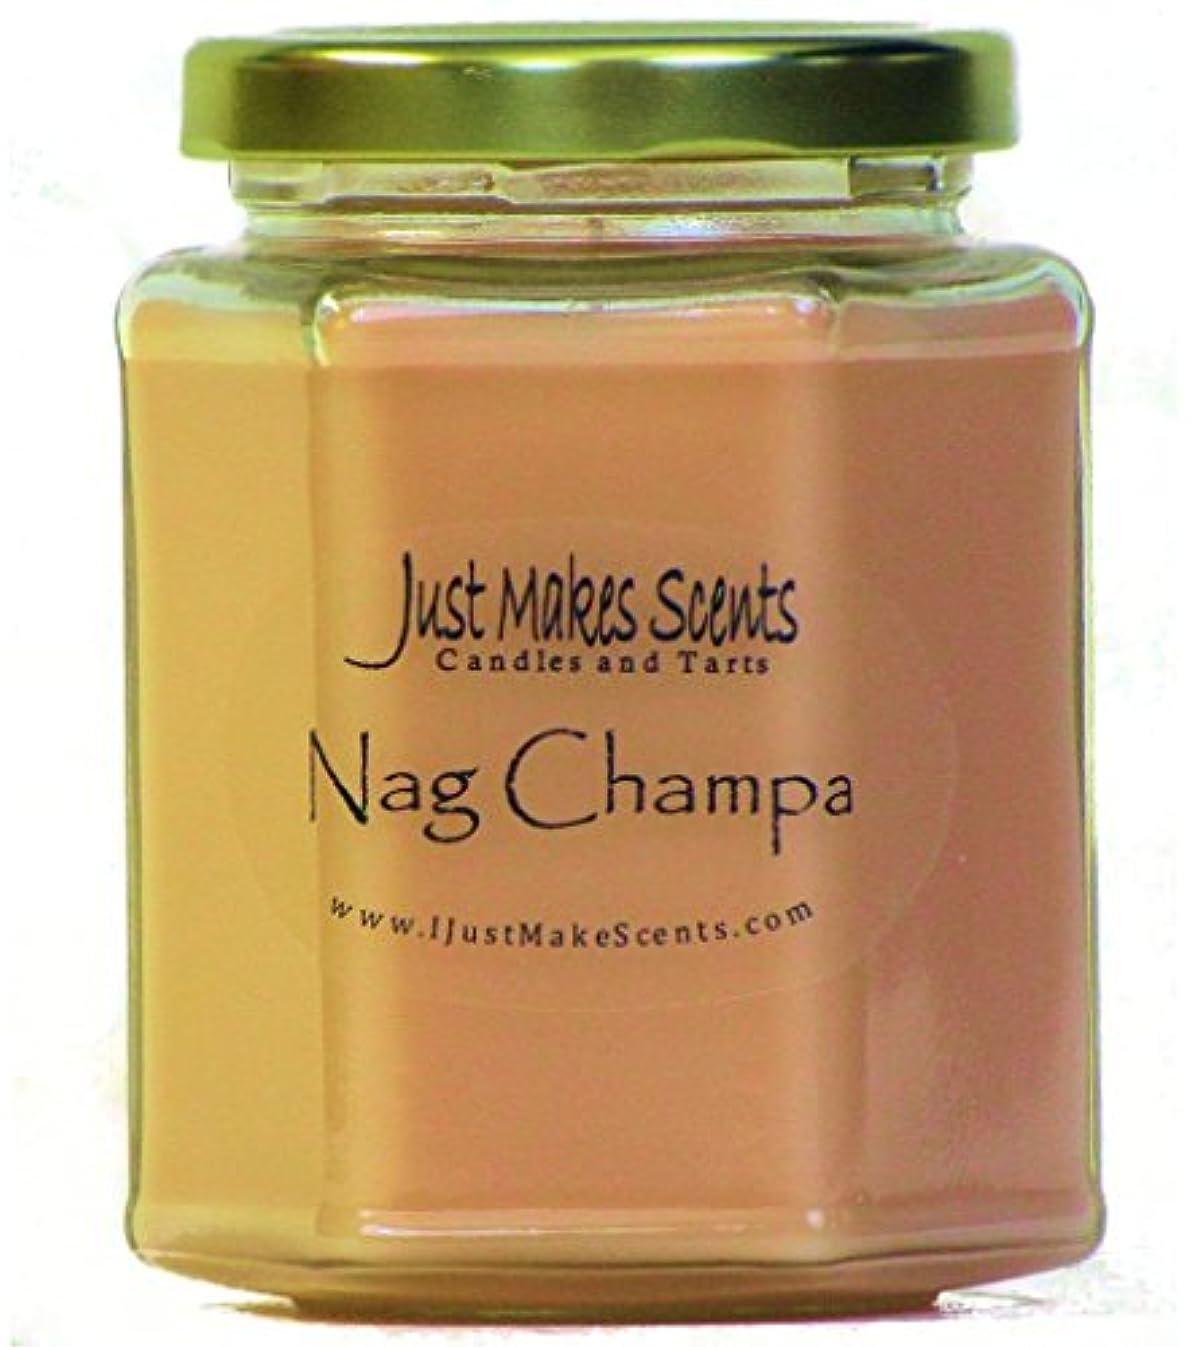 肝侵略海洋Nag Champa香りつきBlended Soy Candle by Just Makes Scents